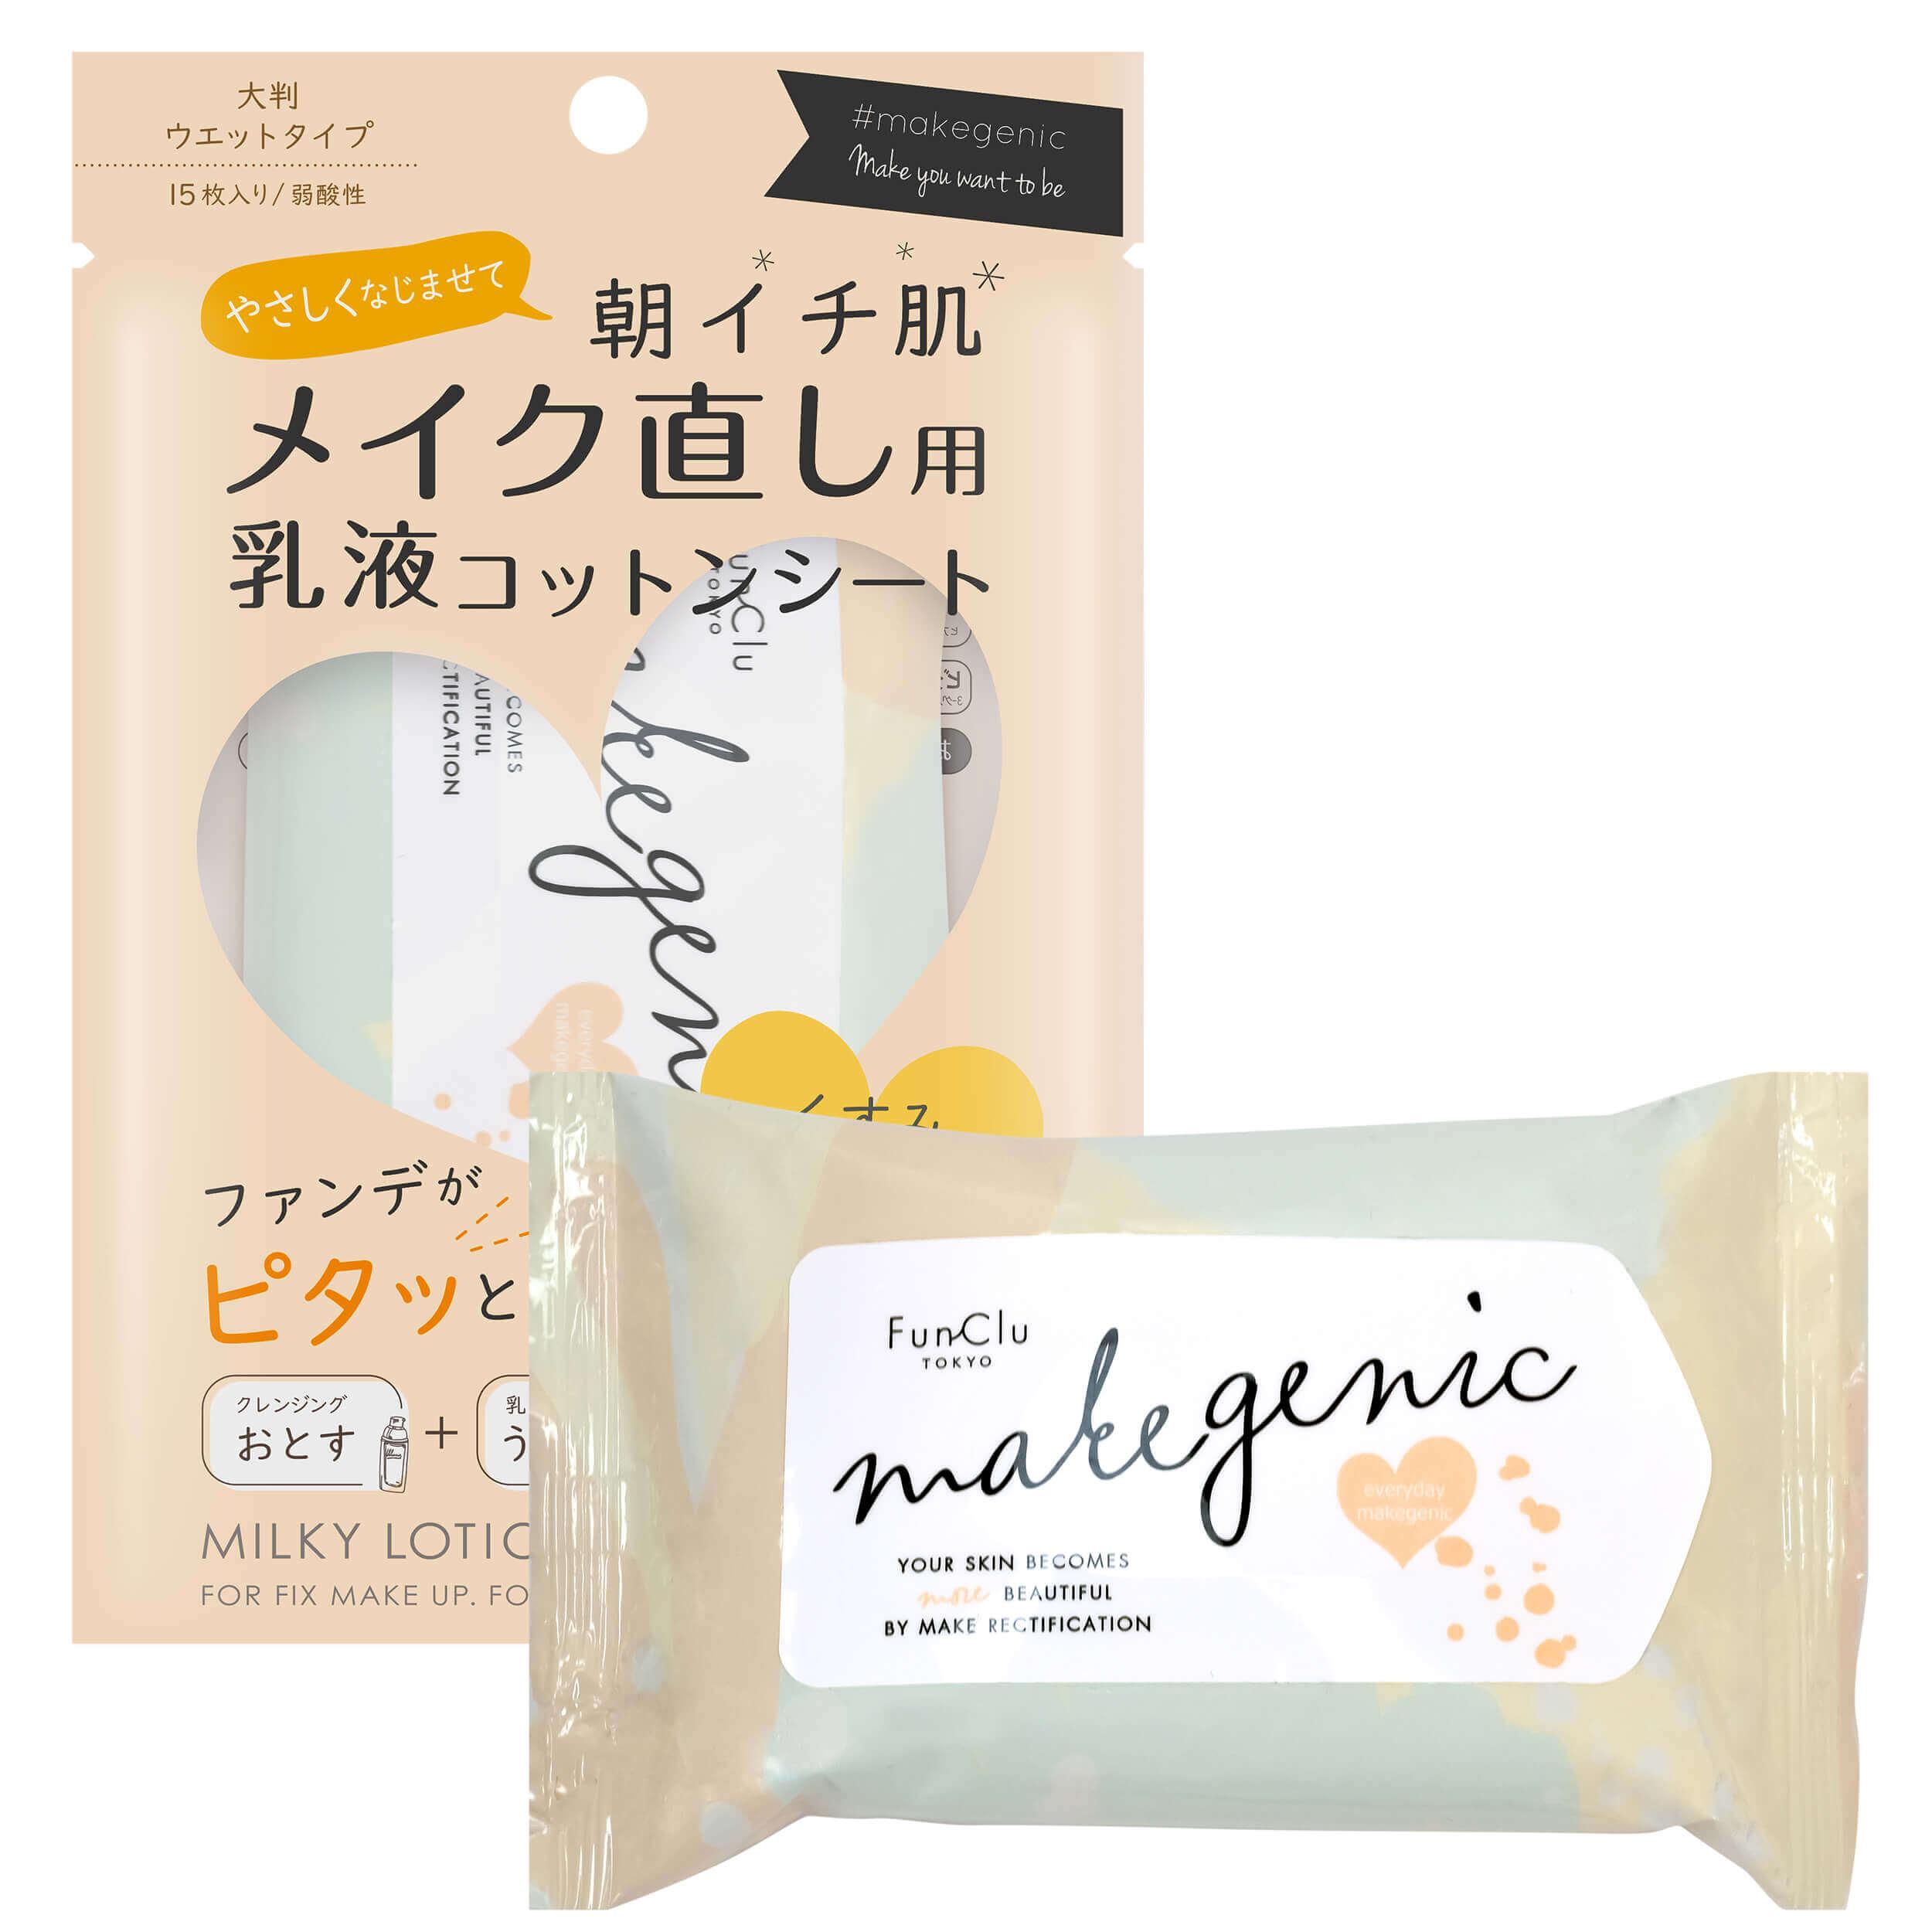 メイク直し用乳液コットンシート ボタニカルホワイト 15枚/¥693(税込み)